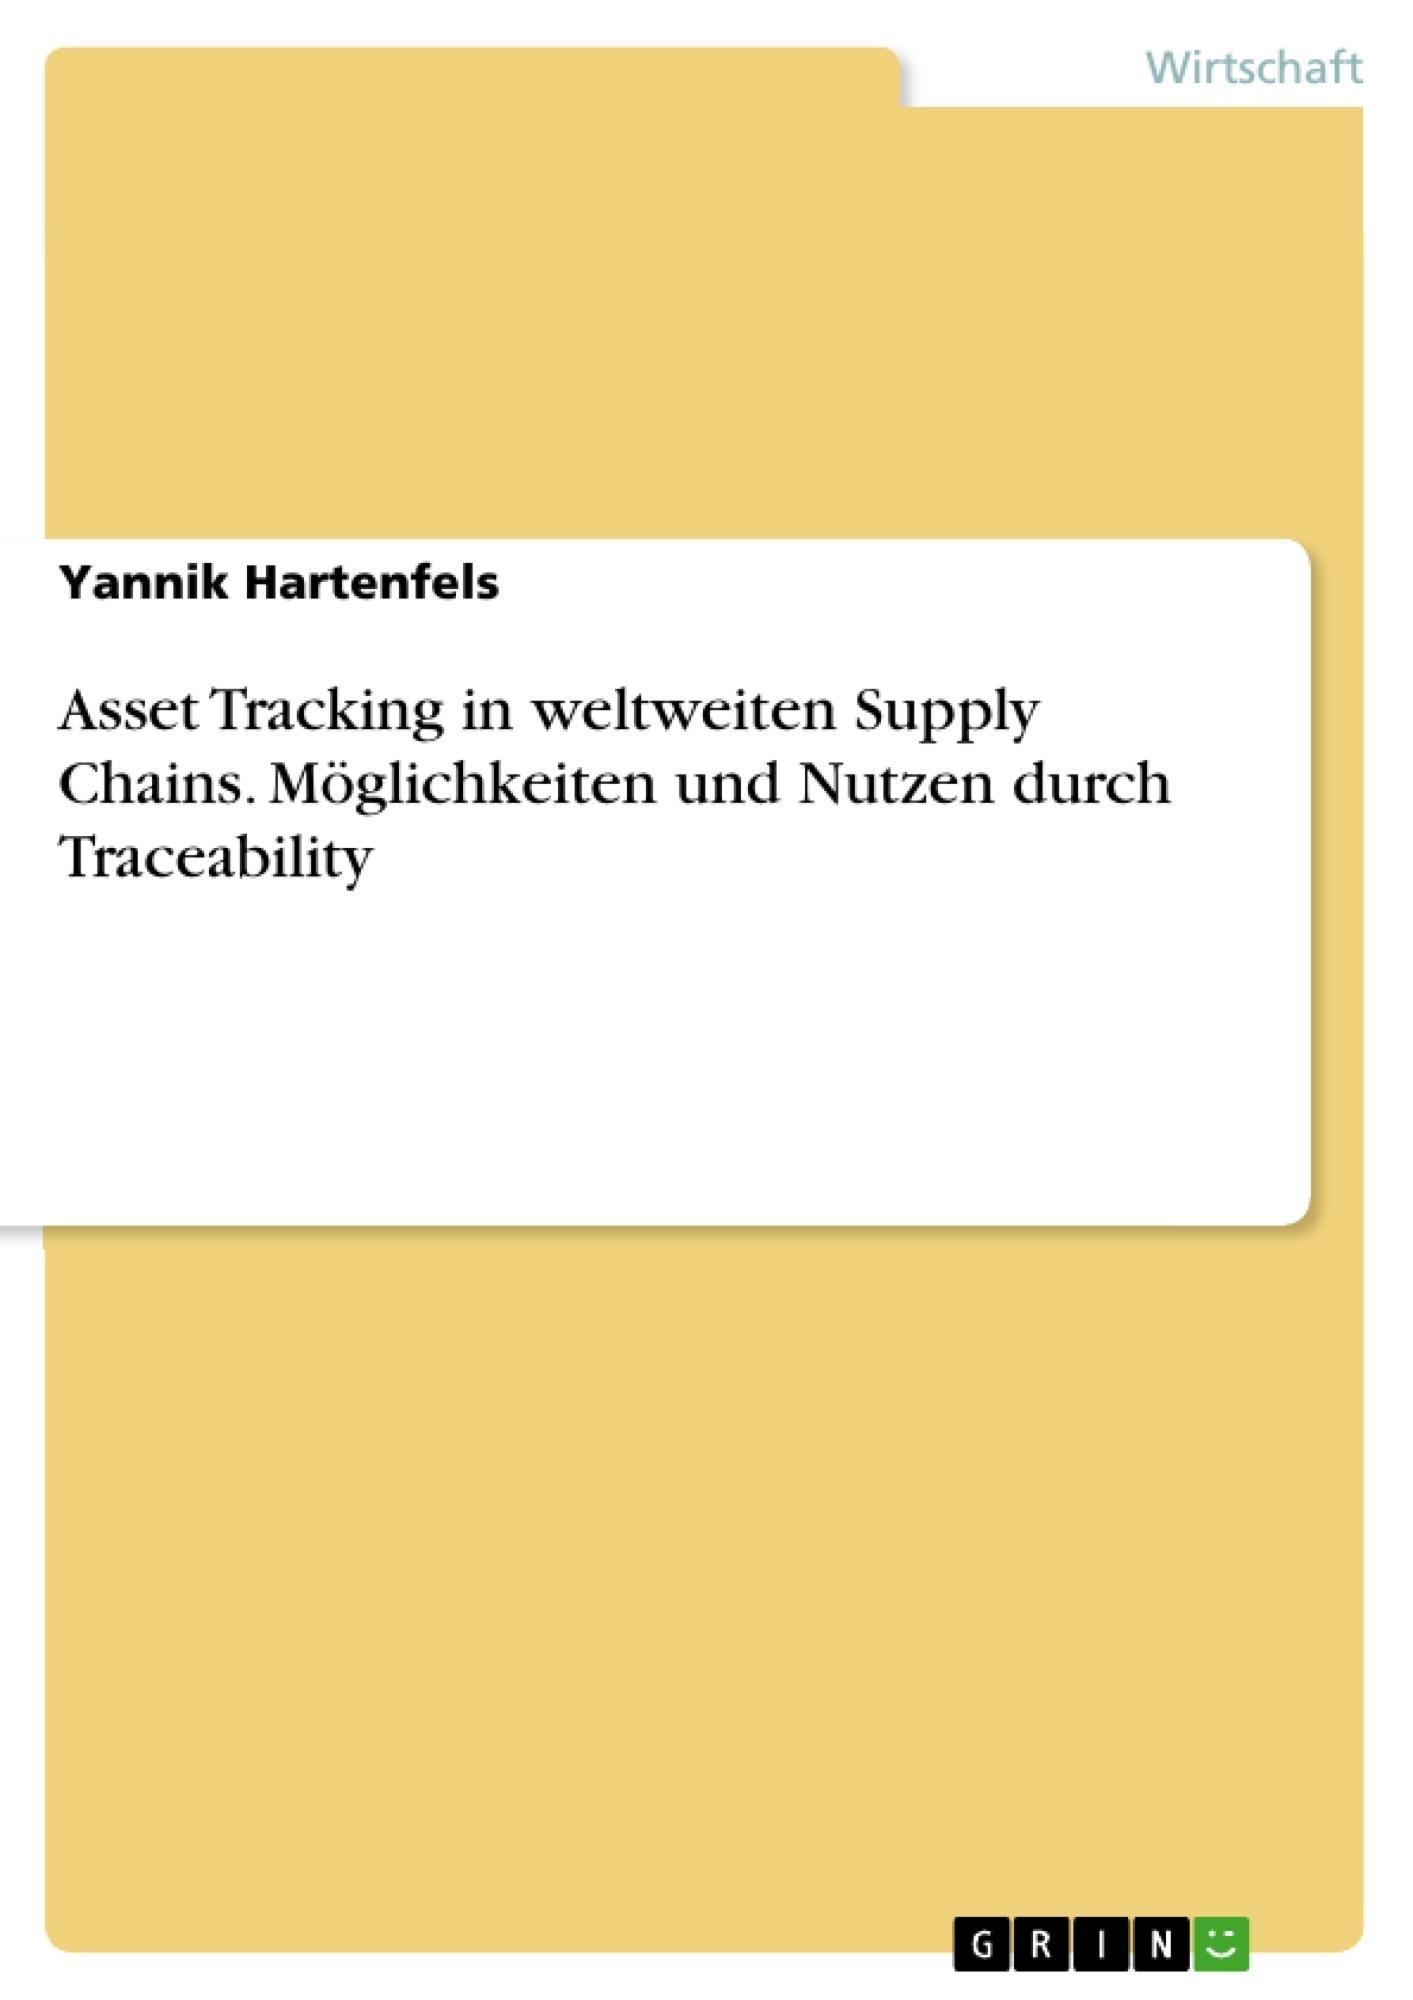 Titel: Asset Tracking in weltweiten Supply Chains. Möglichkeiten und Nutzen durch Traceability